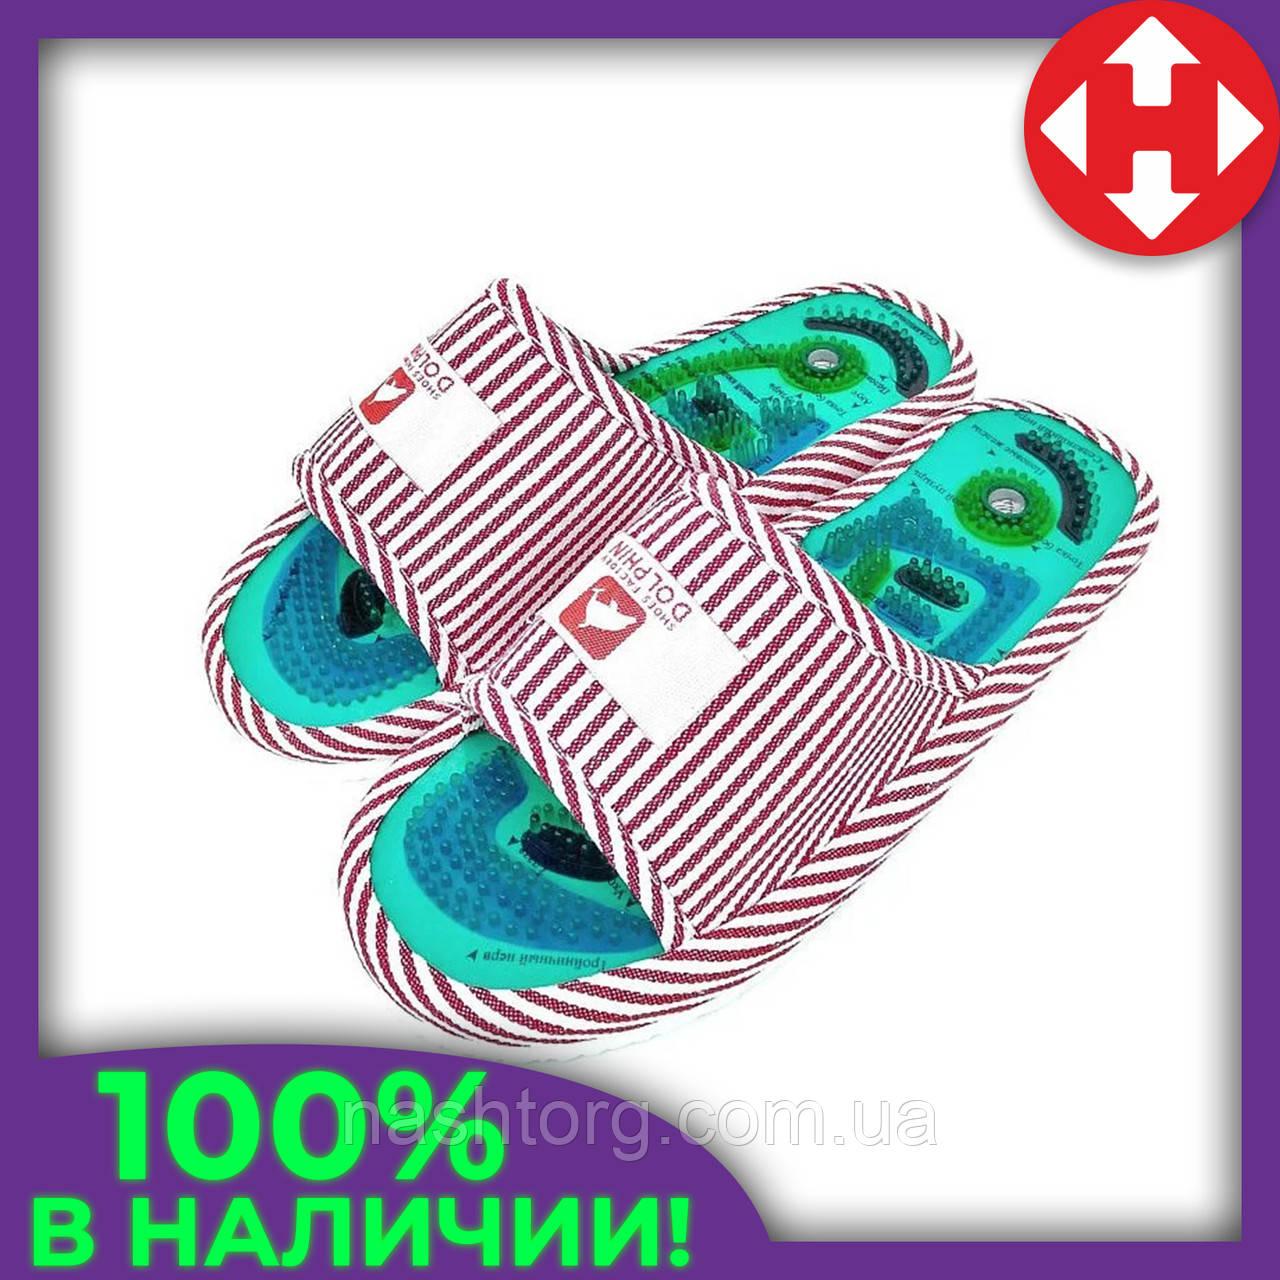 Домашние массажные тапочки Dolphin Factory женские тапки ортопедические с шипами красно-белые 36-38